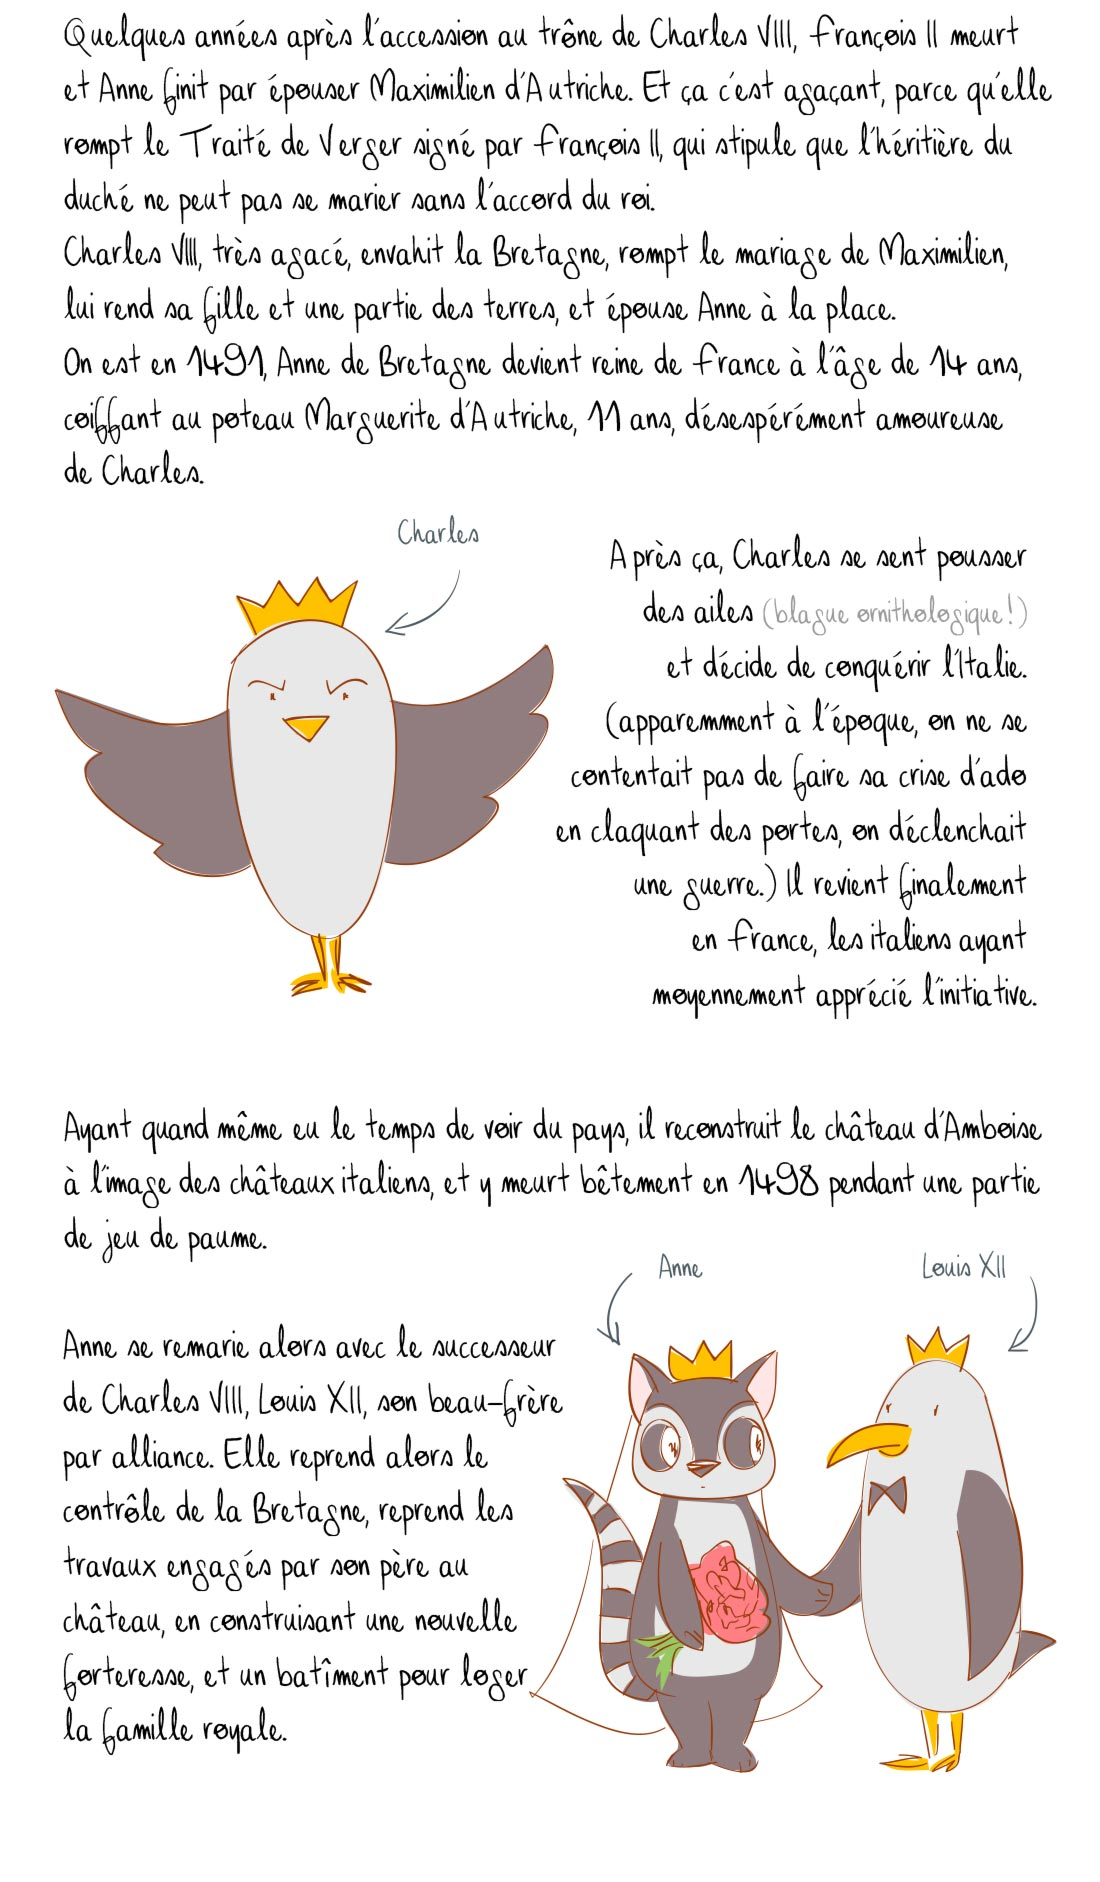 Histoire du Château des Ducs de Bretagne, Nantes, partie 5